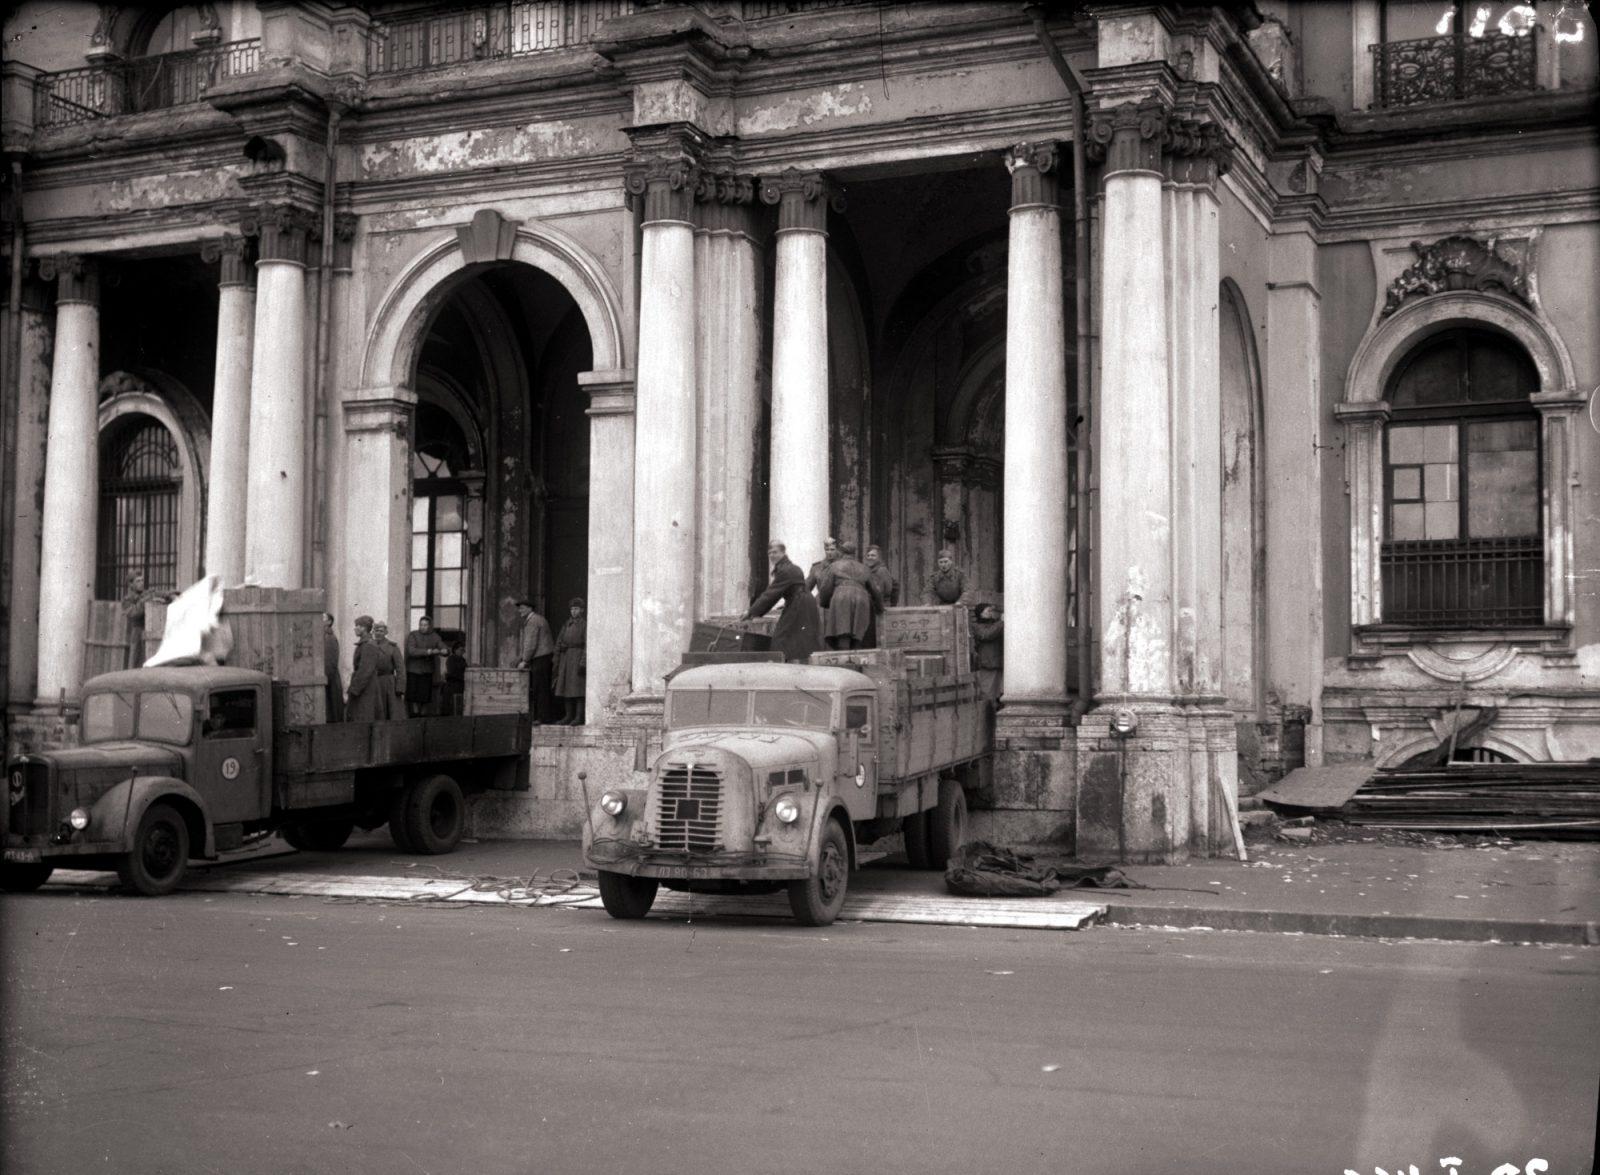 Возрождение Эрмитажа после войны: секретные ящики, разрушенные залы и подвиг музейщиков